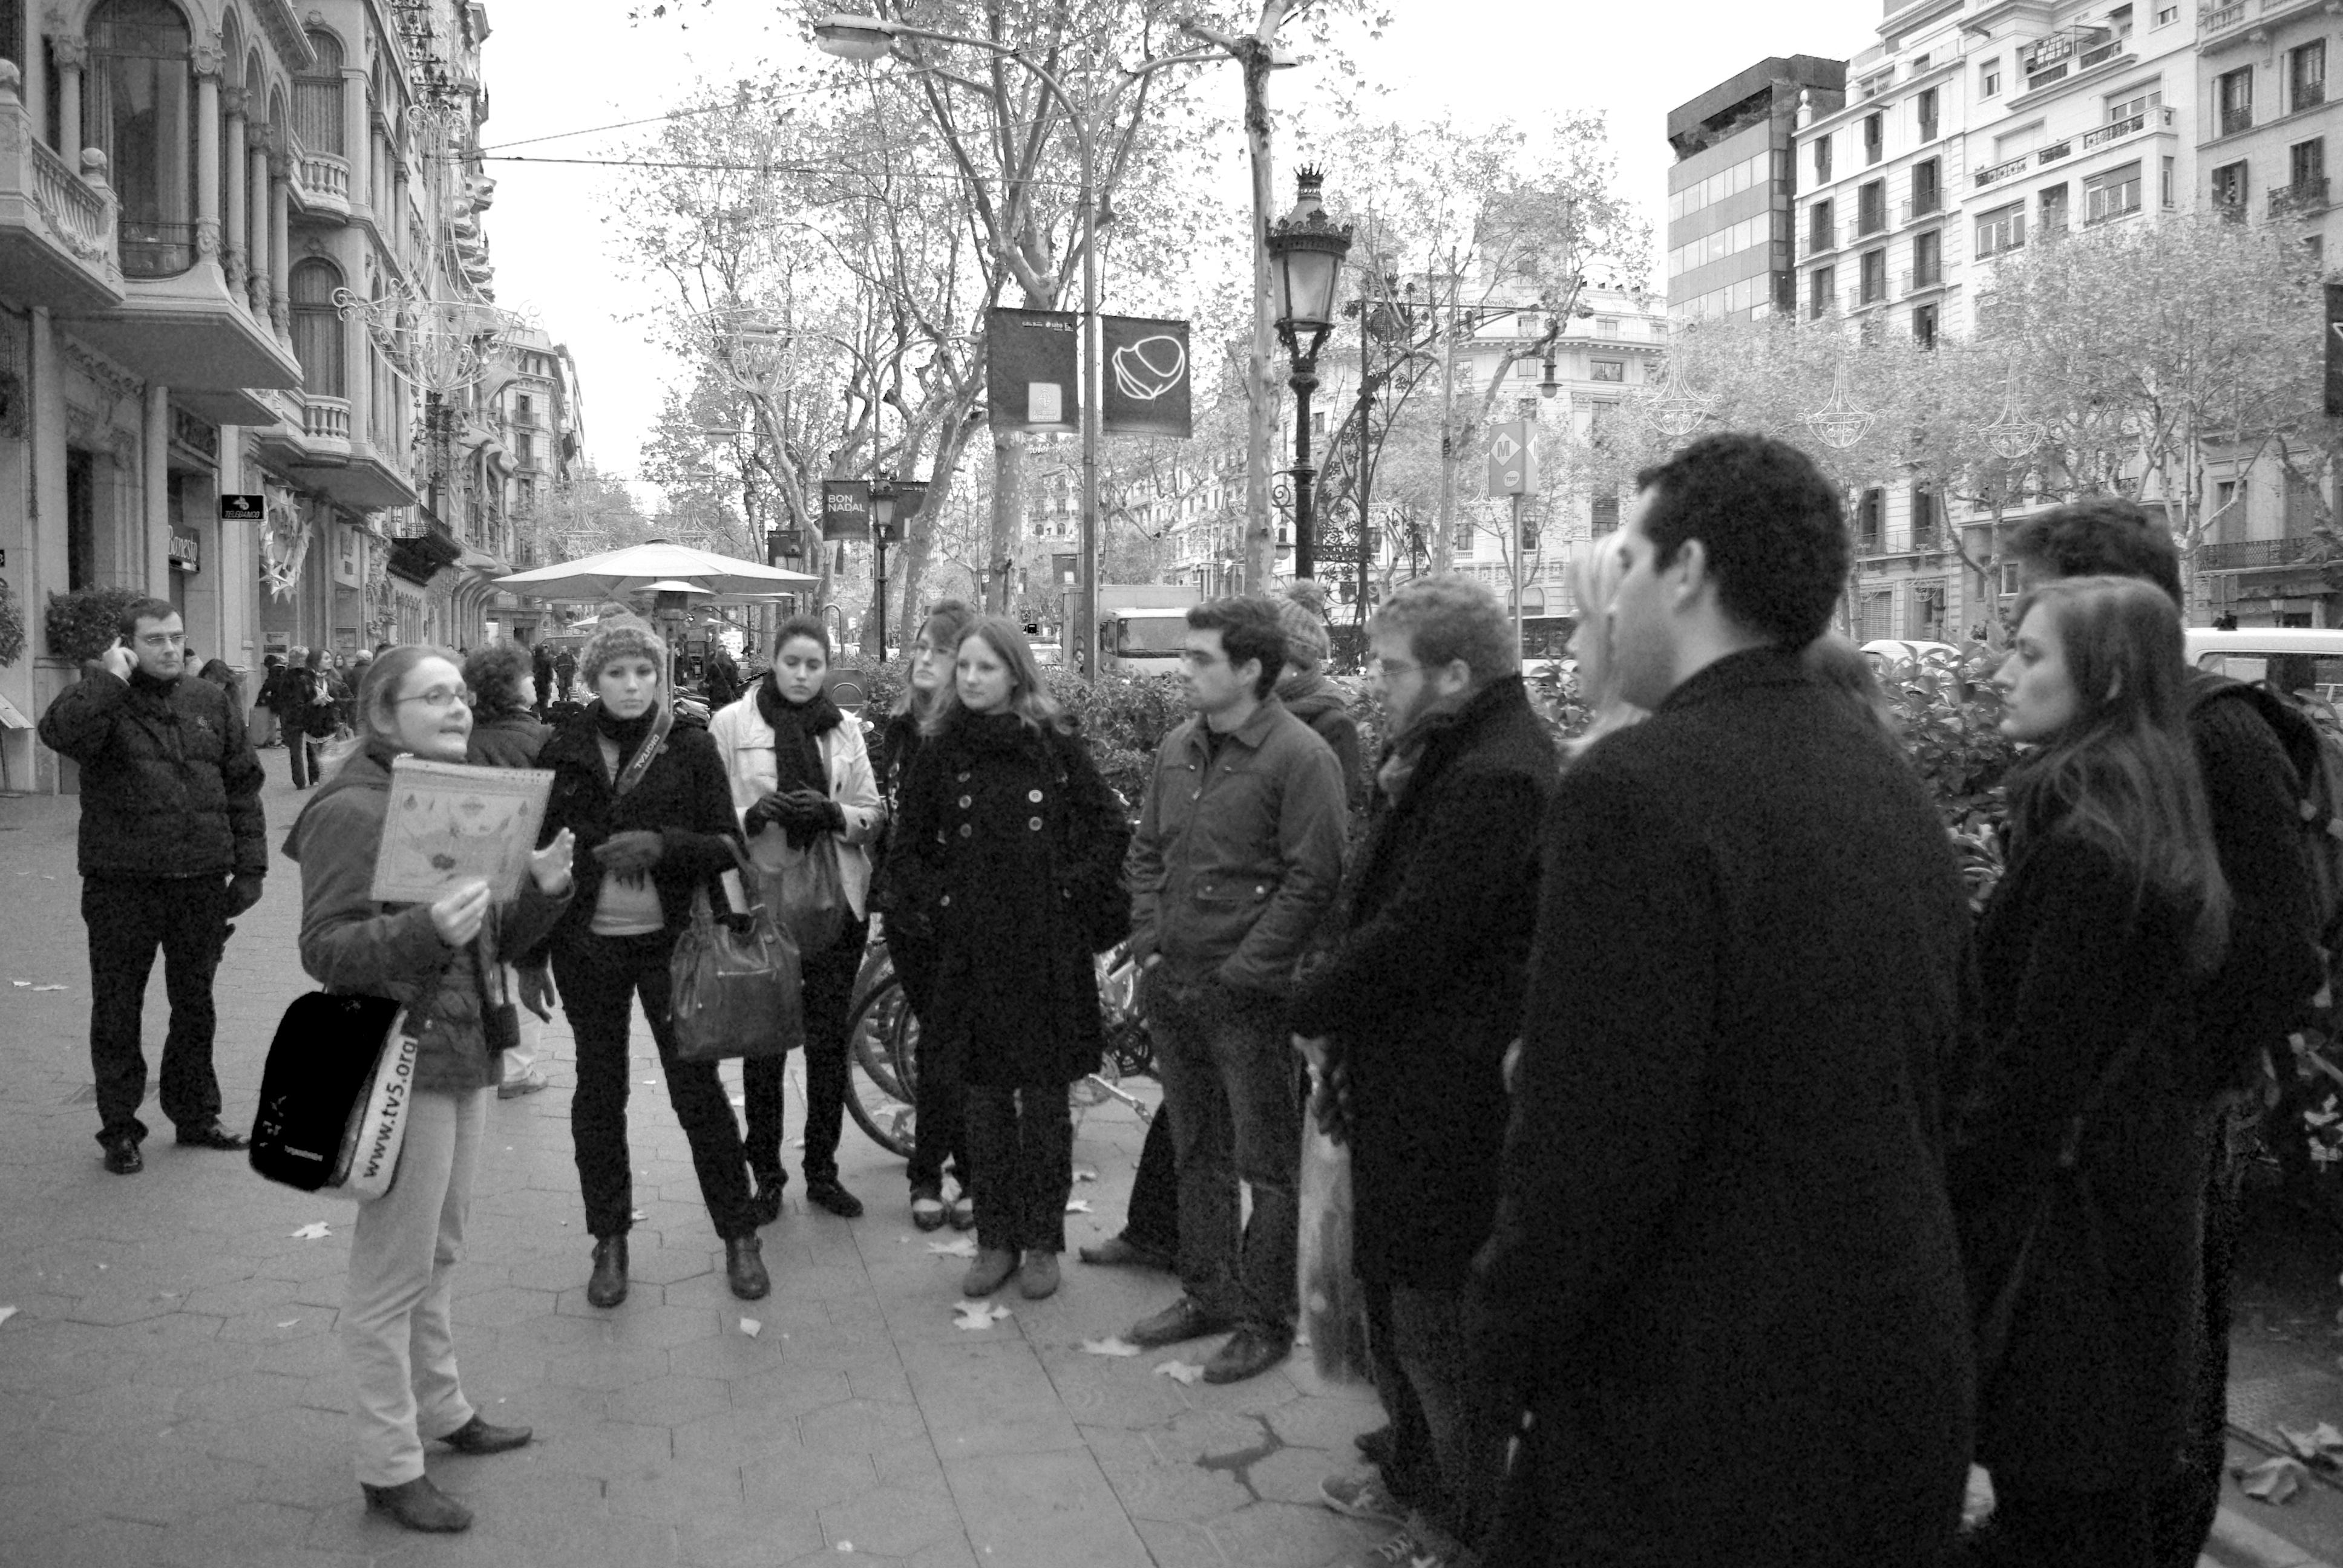 barcelona  mardi 15 d u00e9cembre 2009